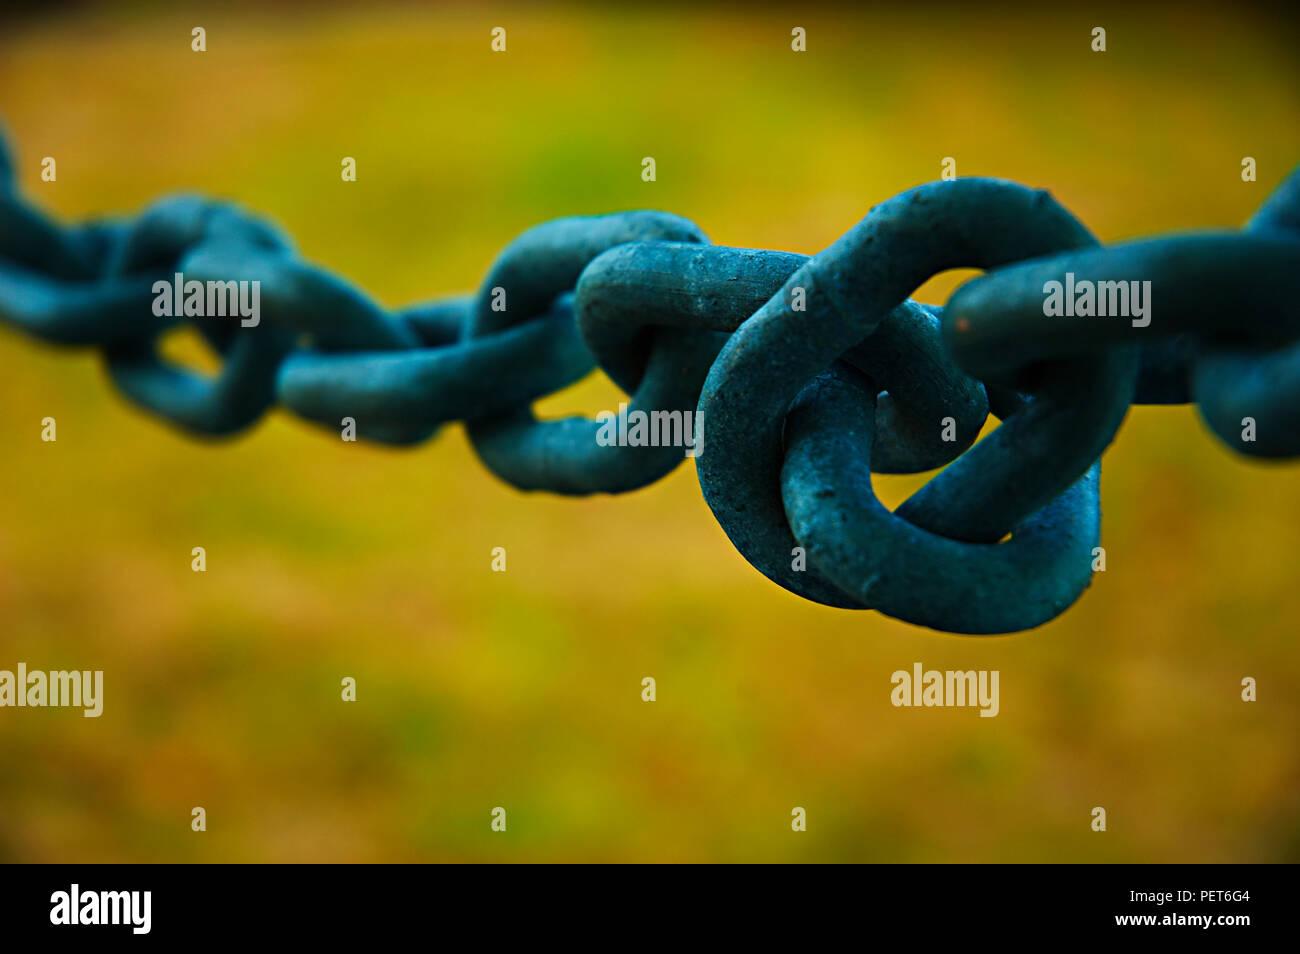 Una catena ritorto link- che rappresenta e che illustra la sensazione di confusione e di emozioni contrastanti della malattia mentale. Immagini Stock